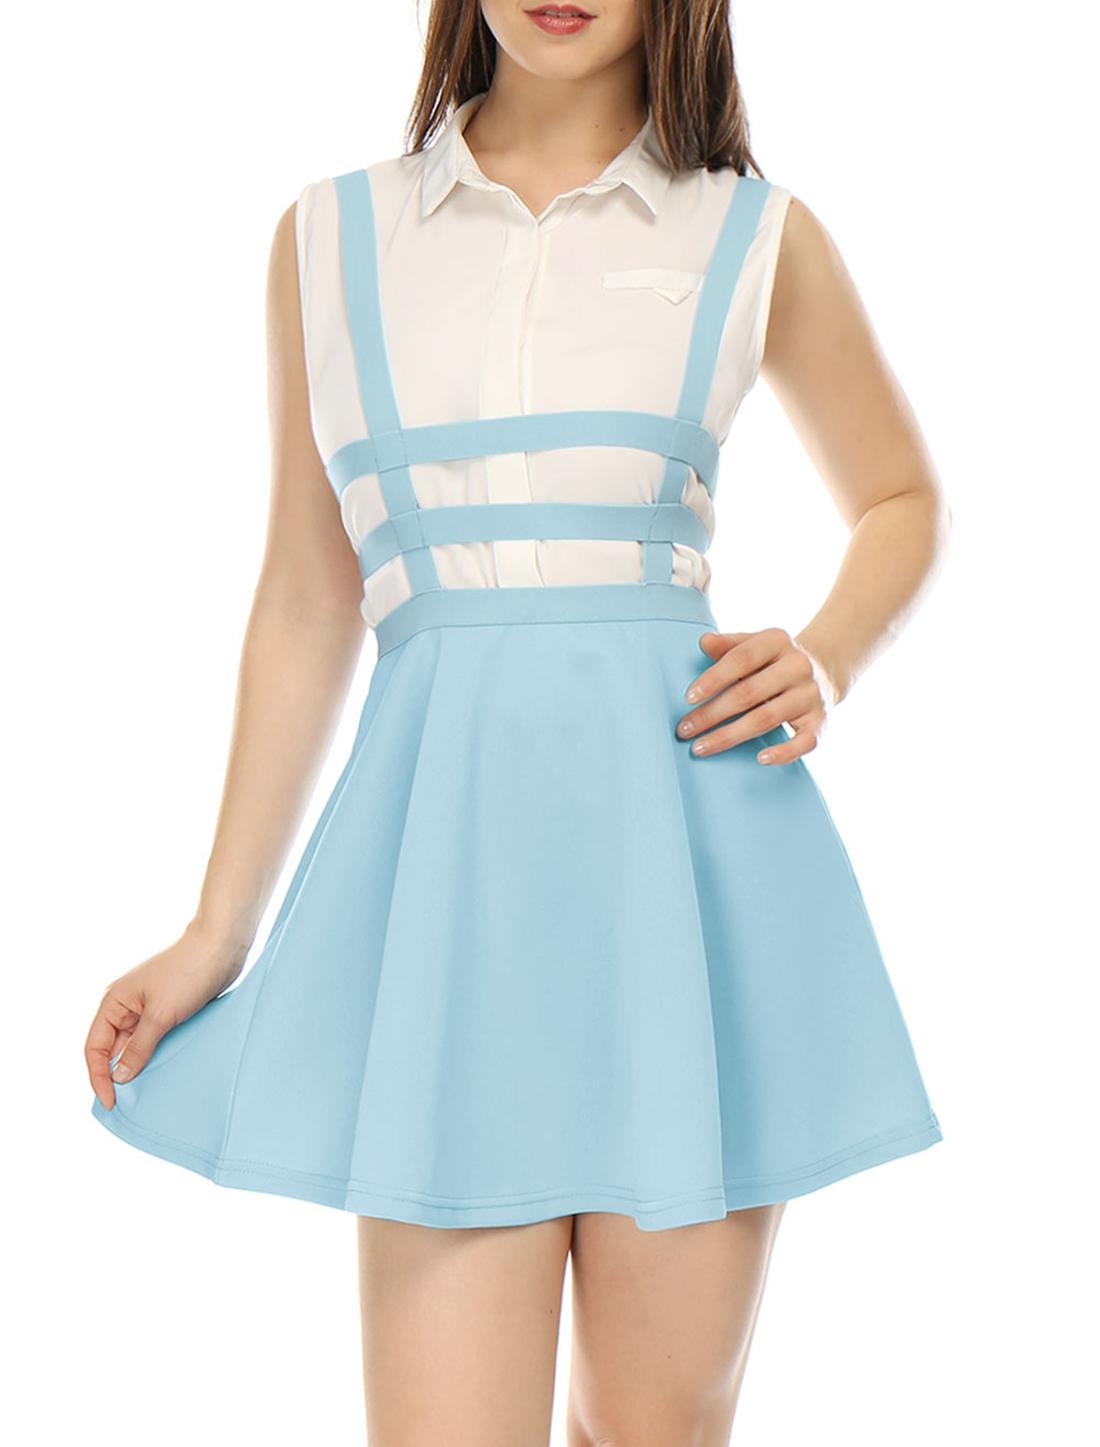 Women Elastic Waist Cut Out A Line Suspender Skirt Light Blue M